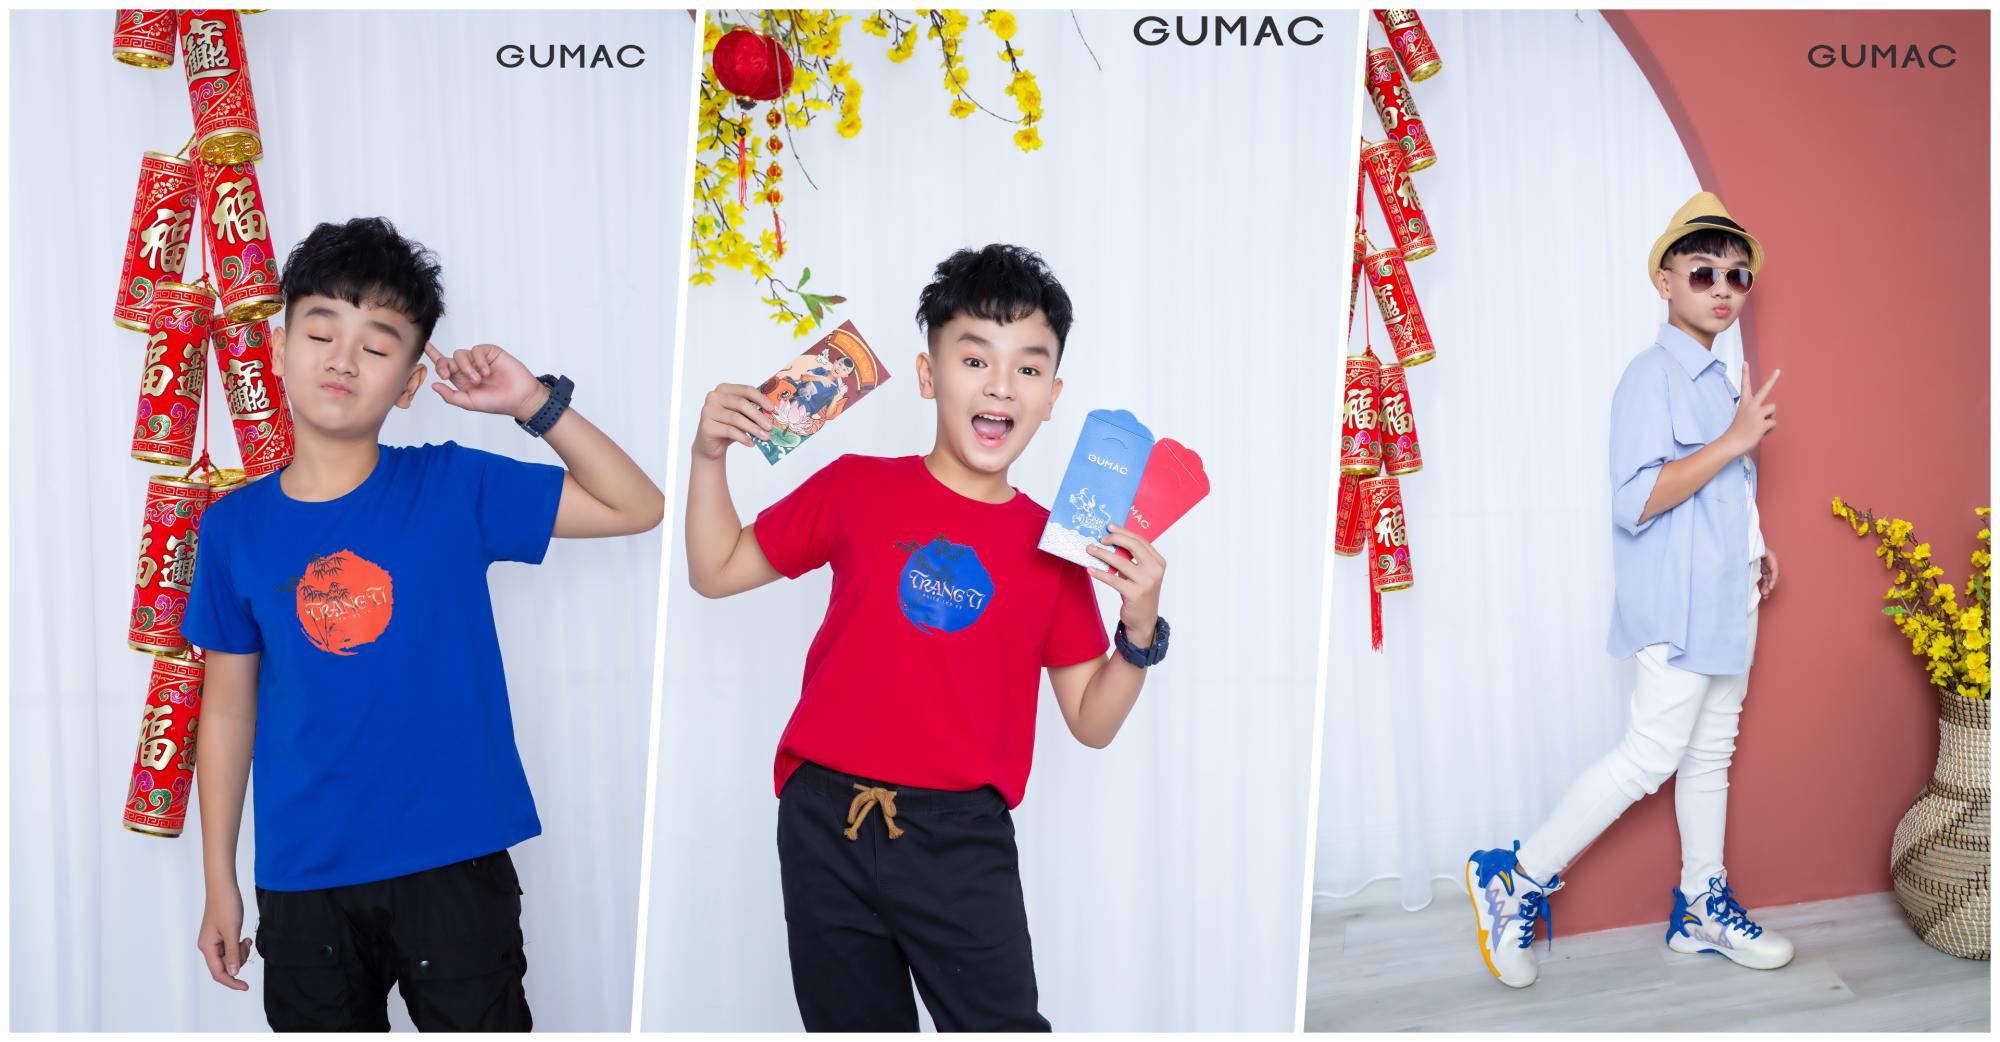 Ba gam chủ đạo được lựa chọn cho bộ sưu tâp lần này là trắng, xanh biển và đỏ, phù hợp với cả bé trai lẫn gái.